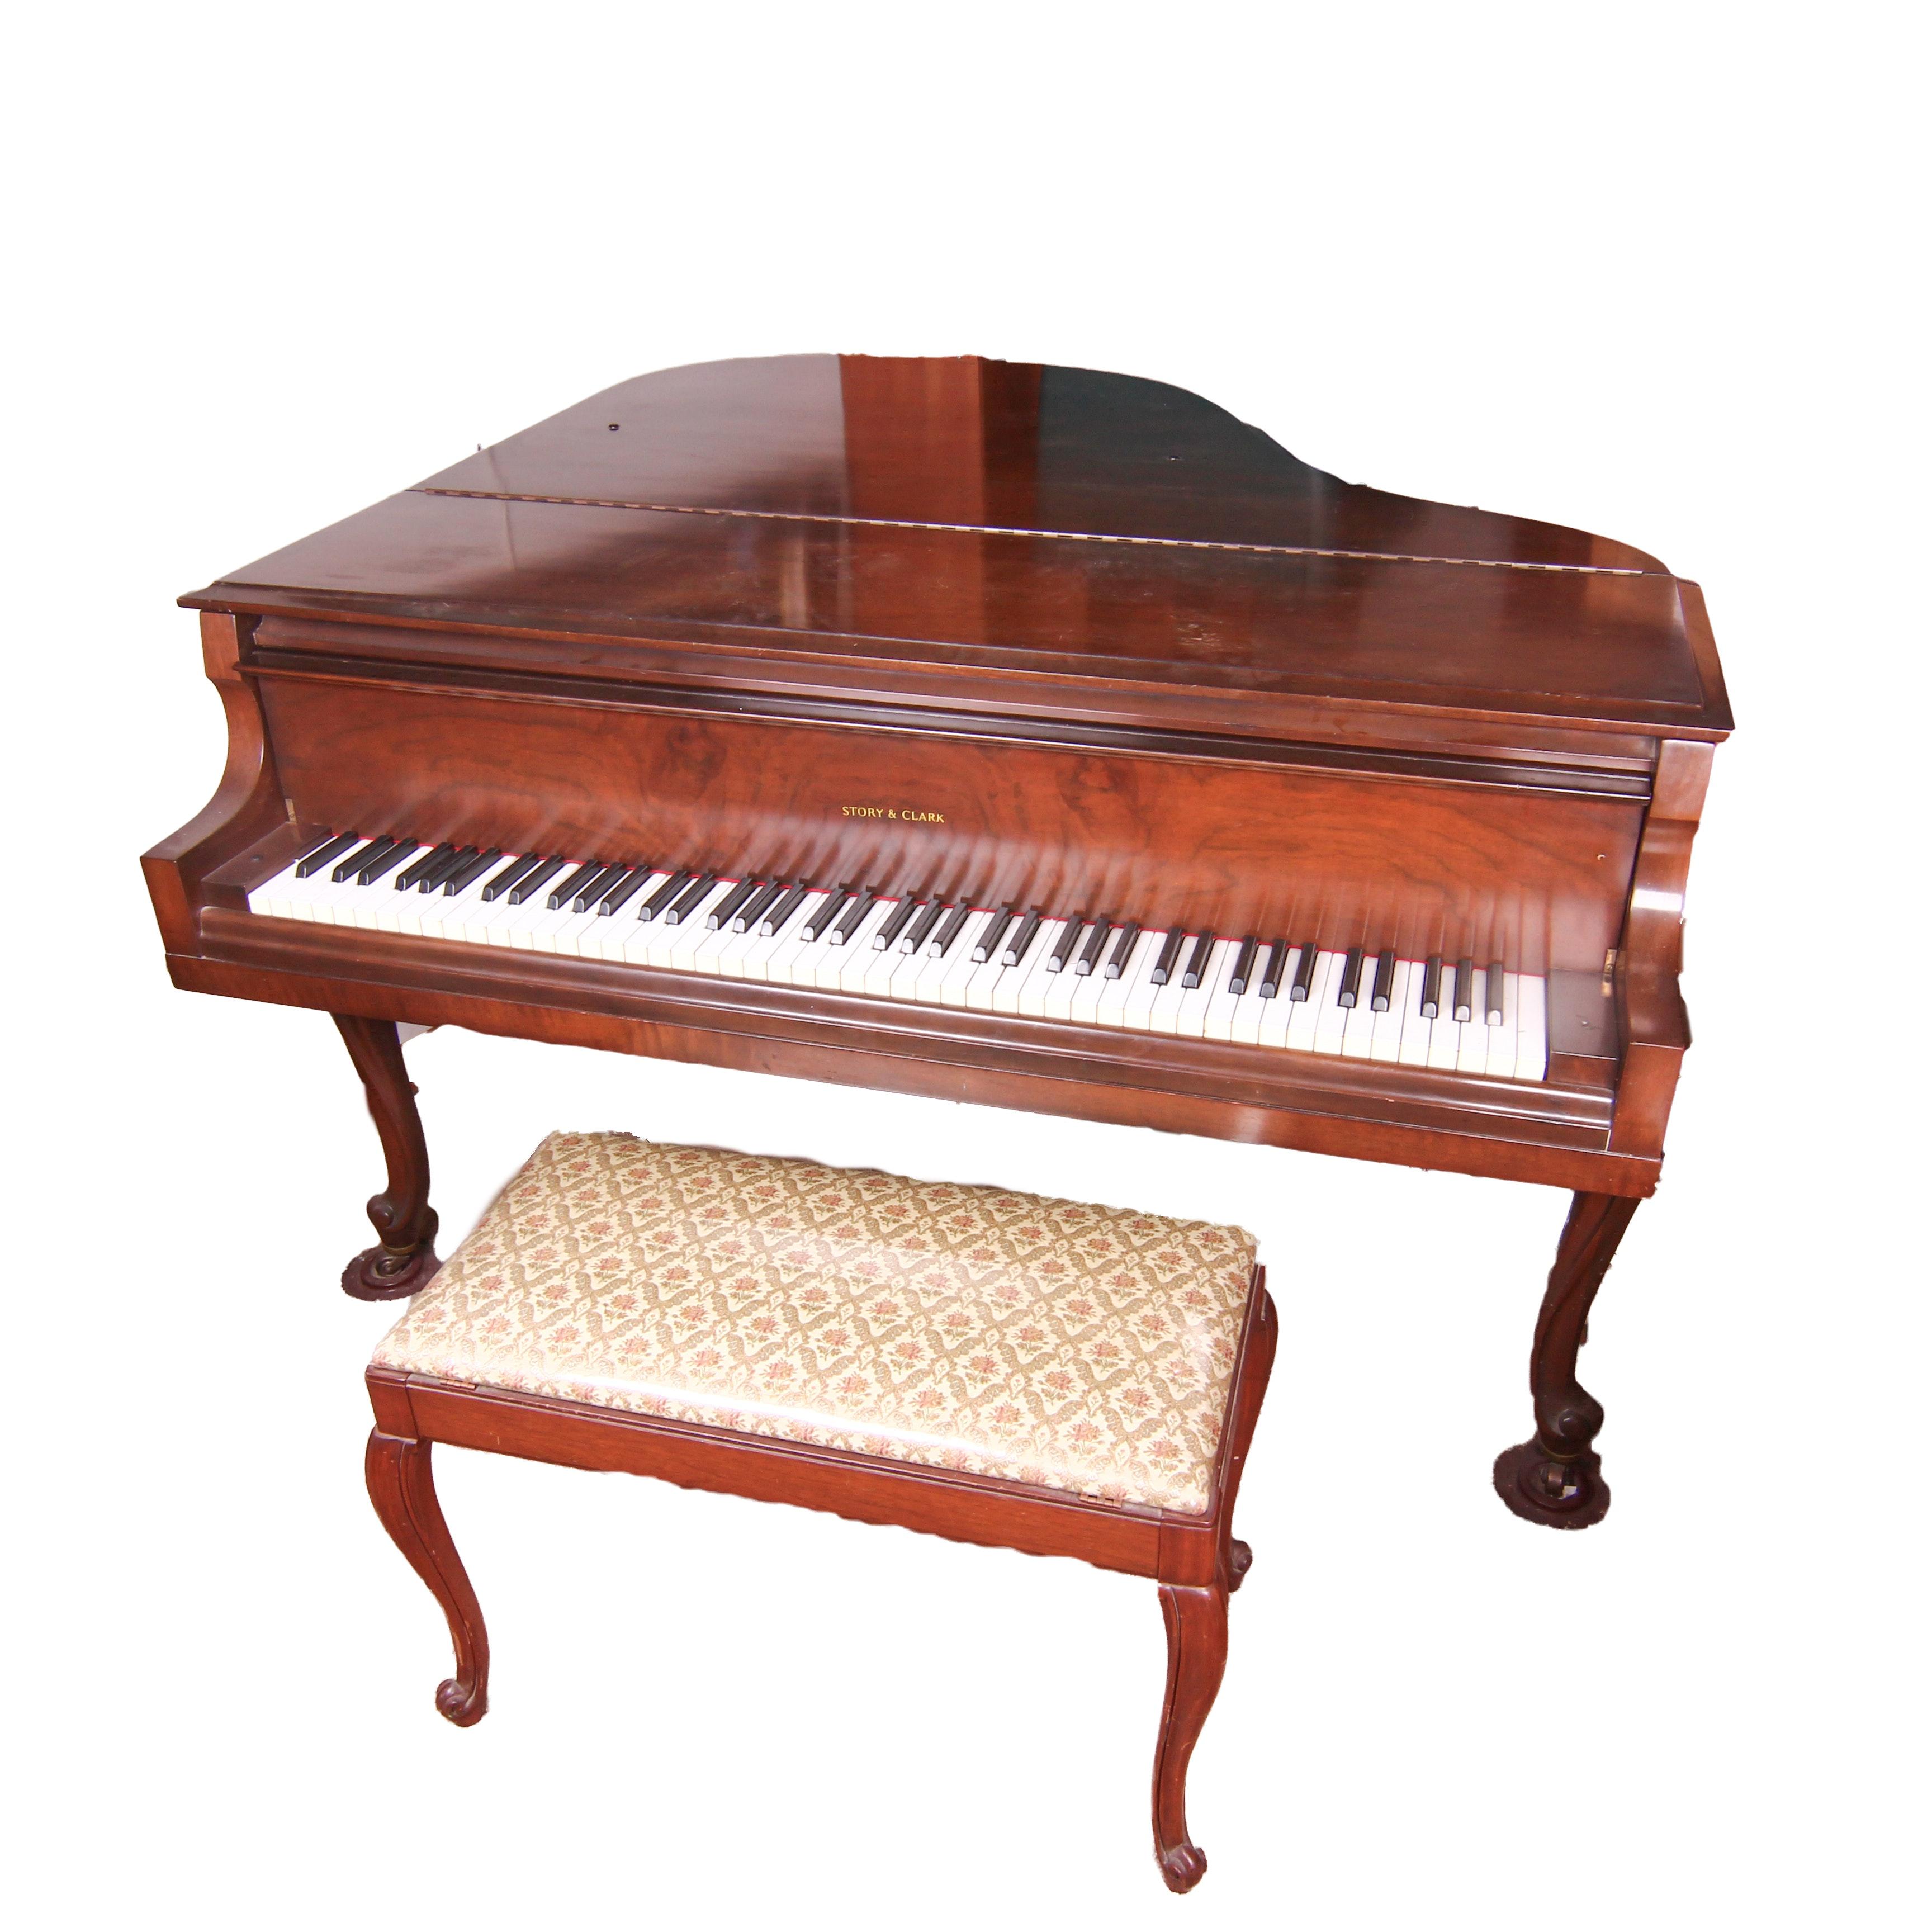 Story & Clark Petite Grand Piano with Mahogany Finish